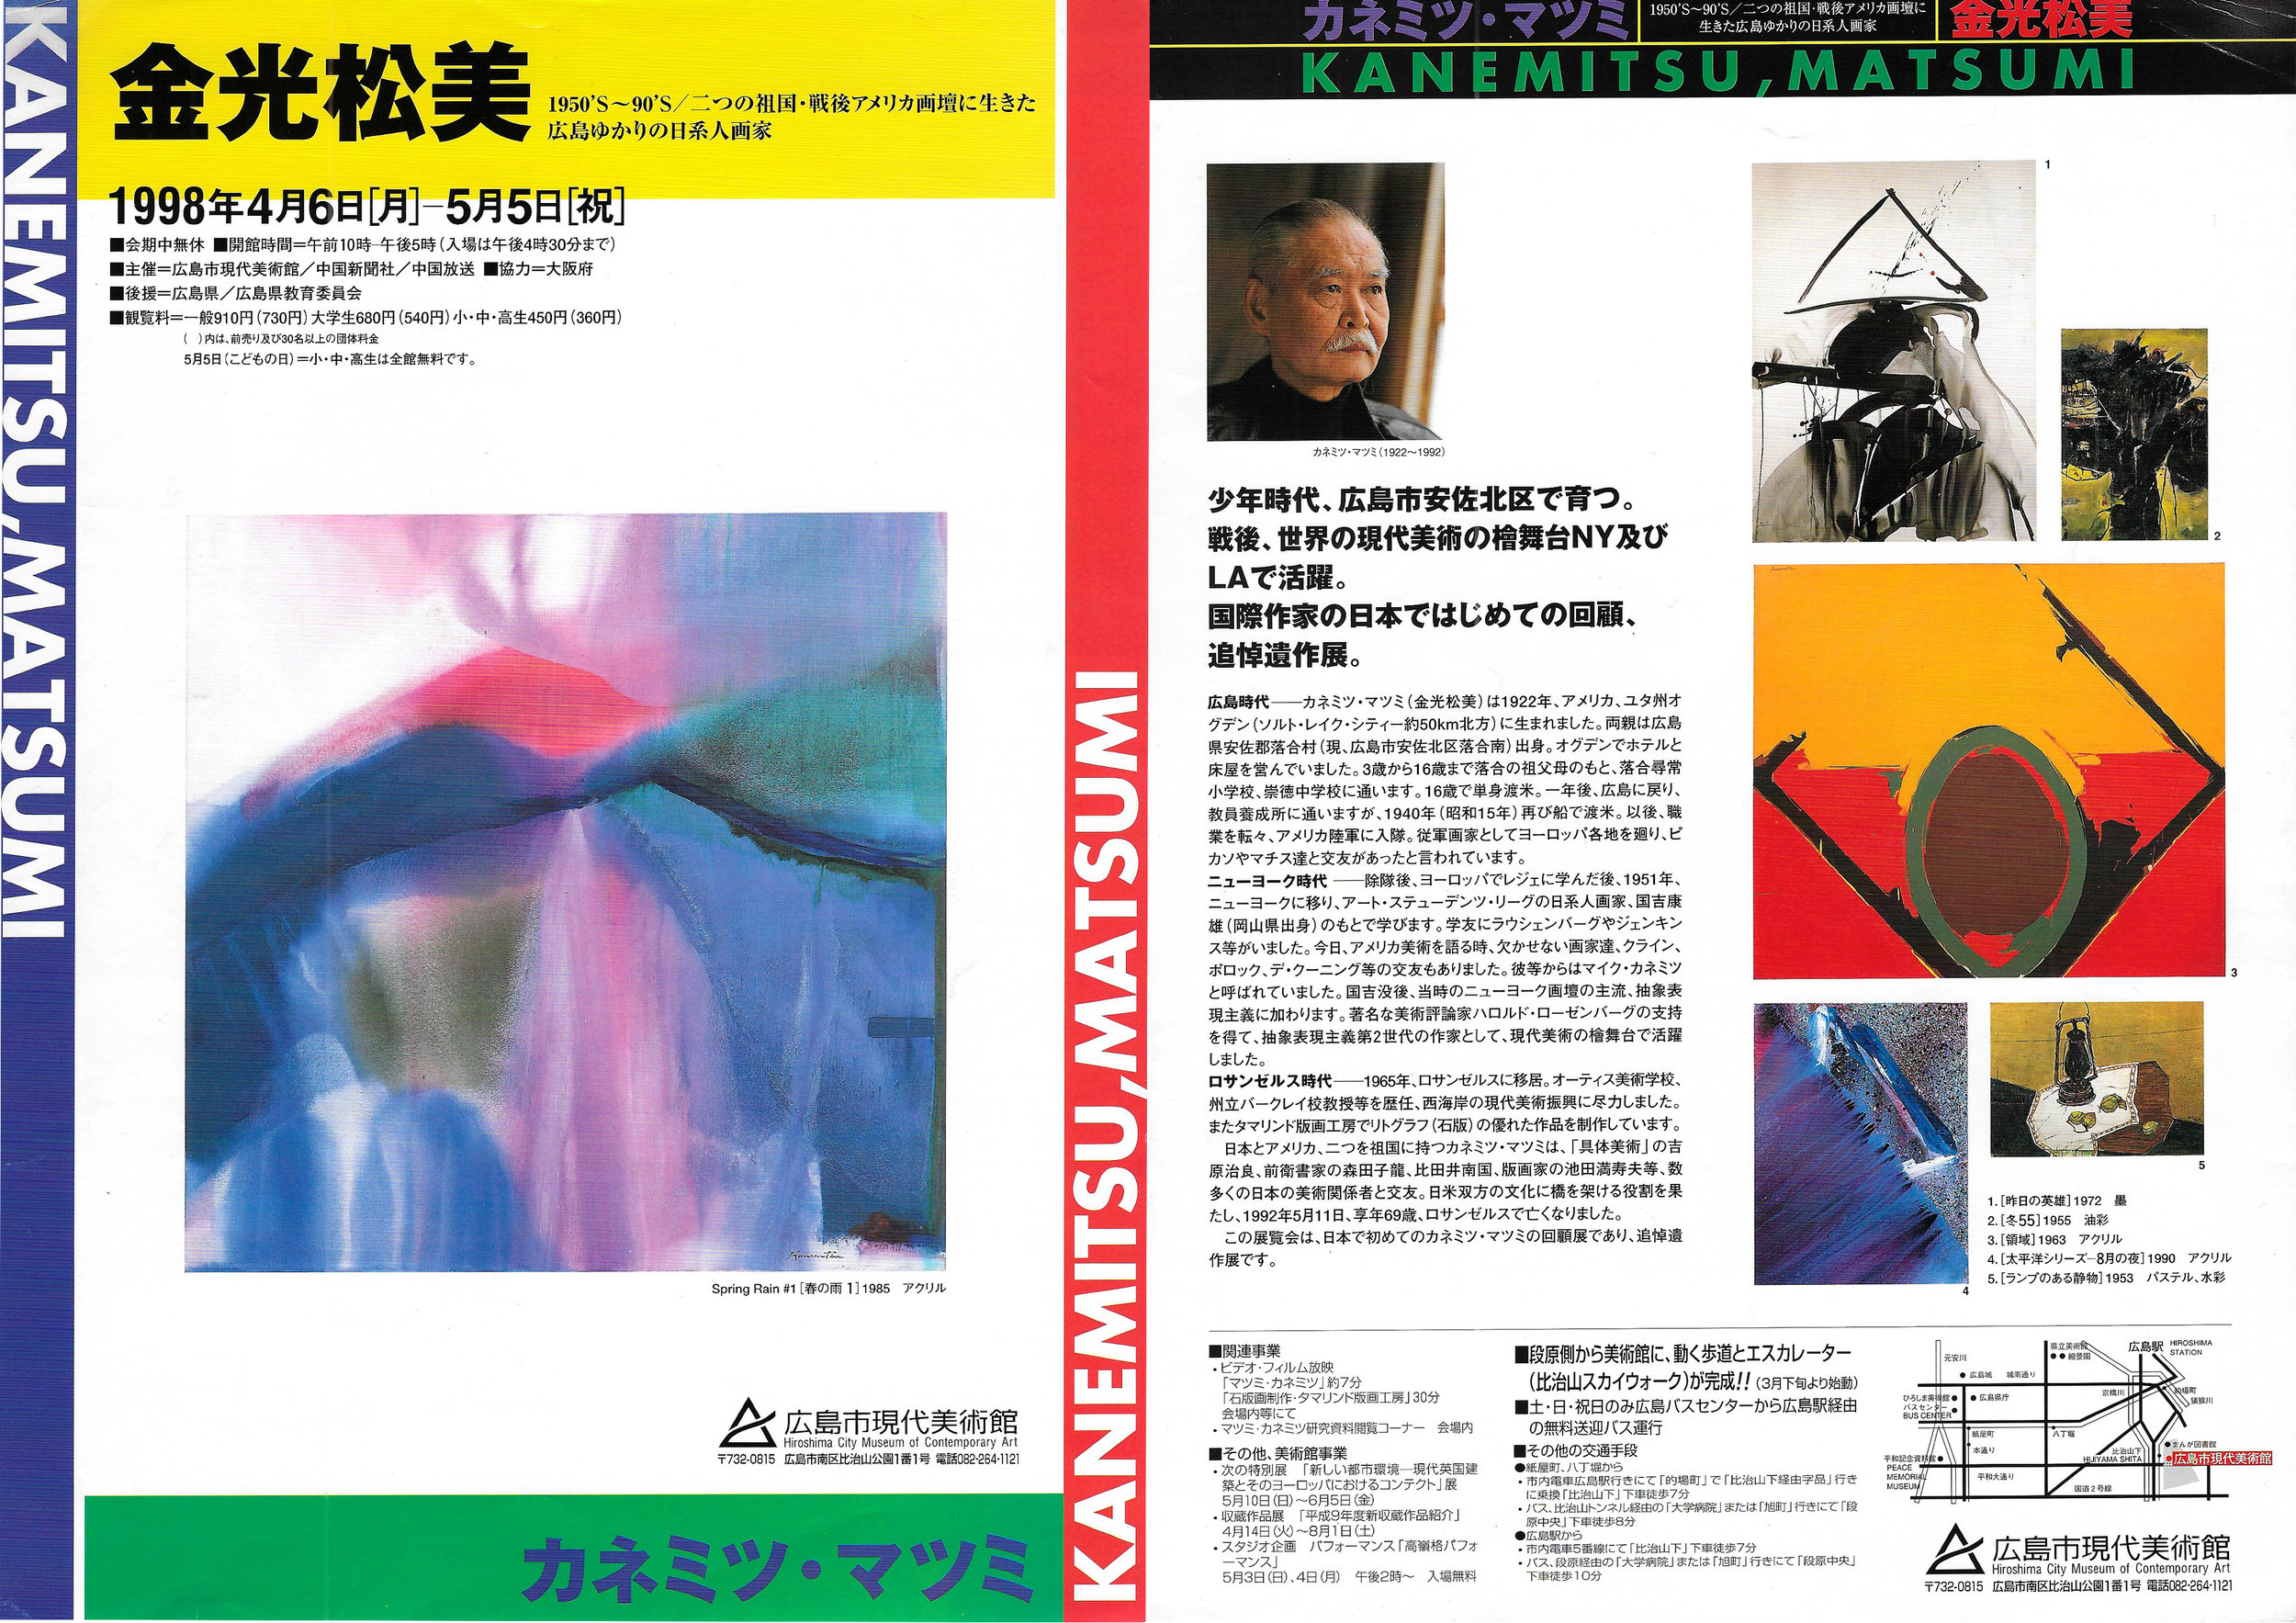 Kanemitsu Poster 1.jpg